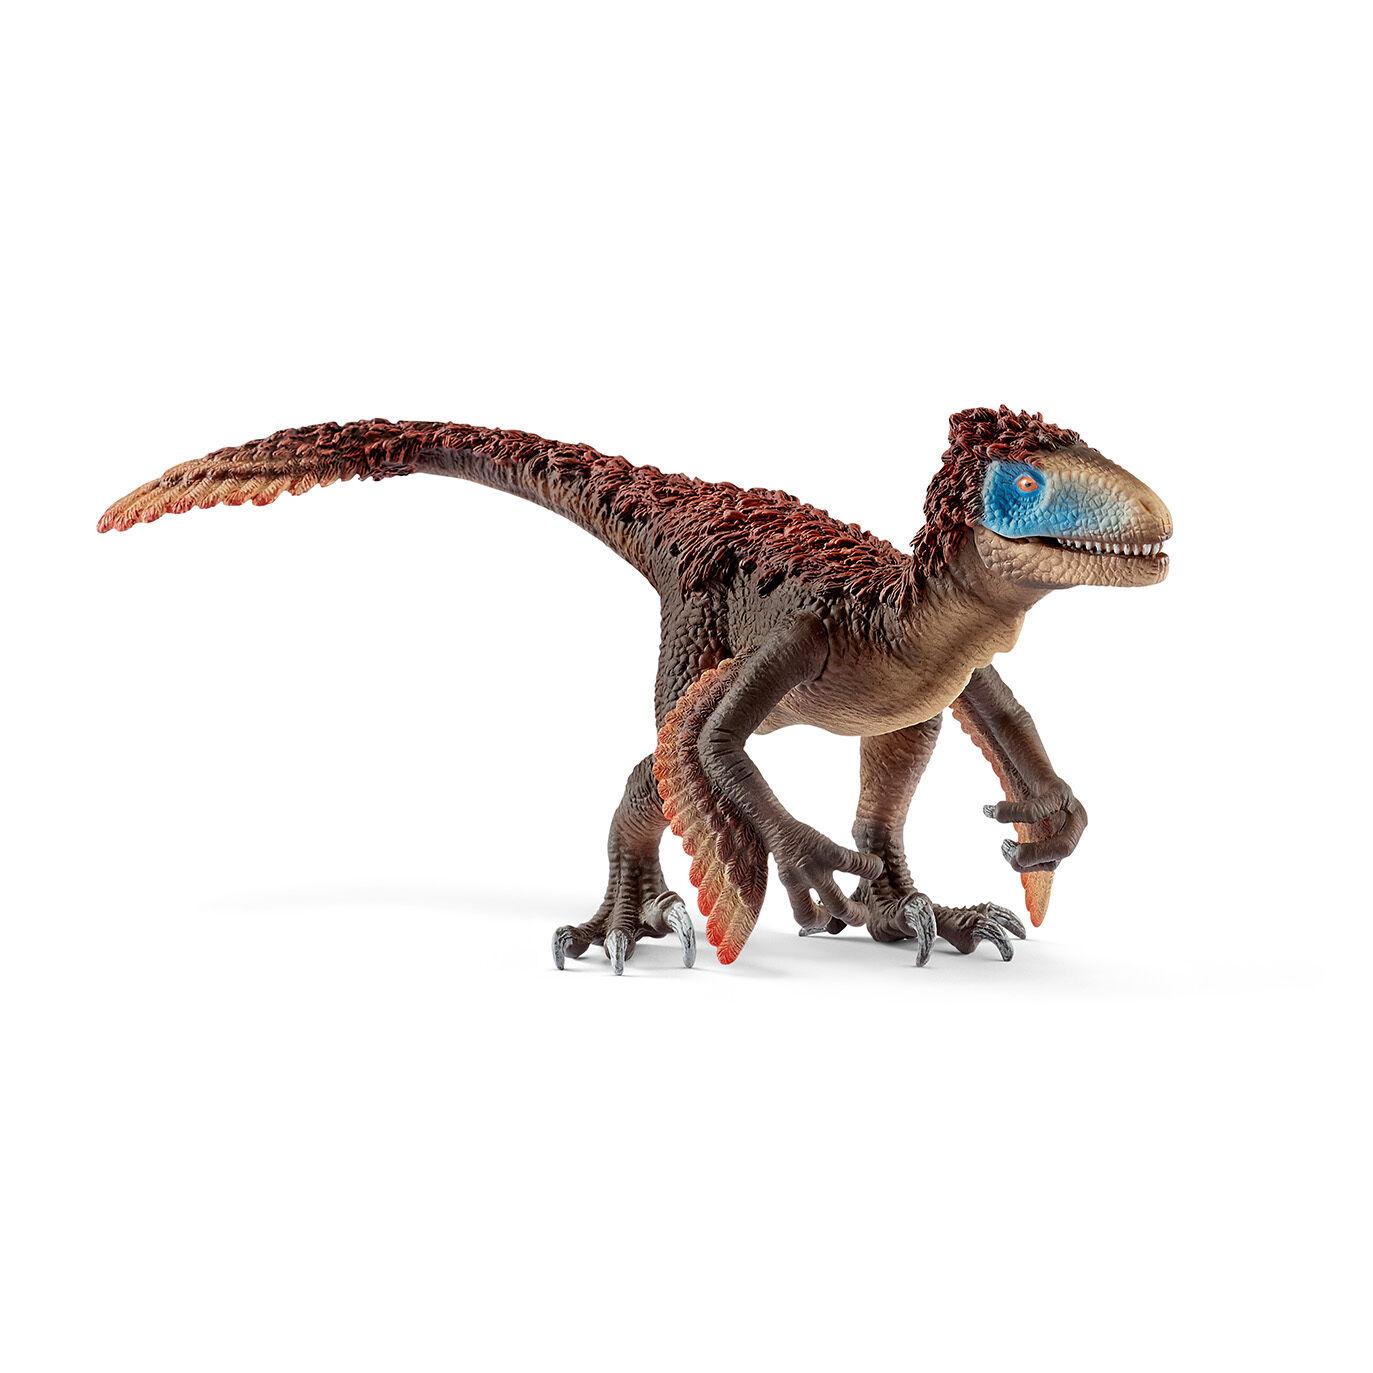 Schleich Dinosaurs Dinosaurier  14582 Utahraptor  Neu